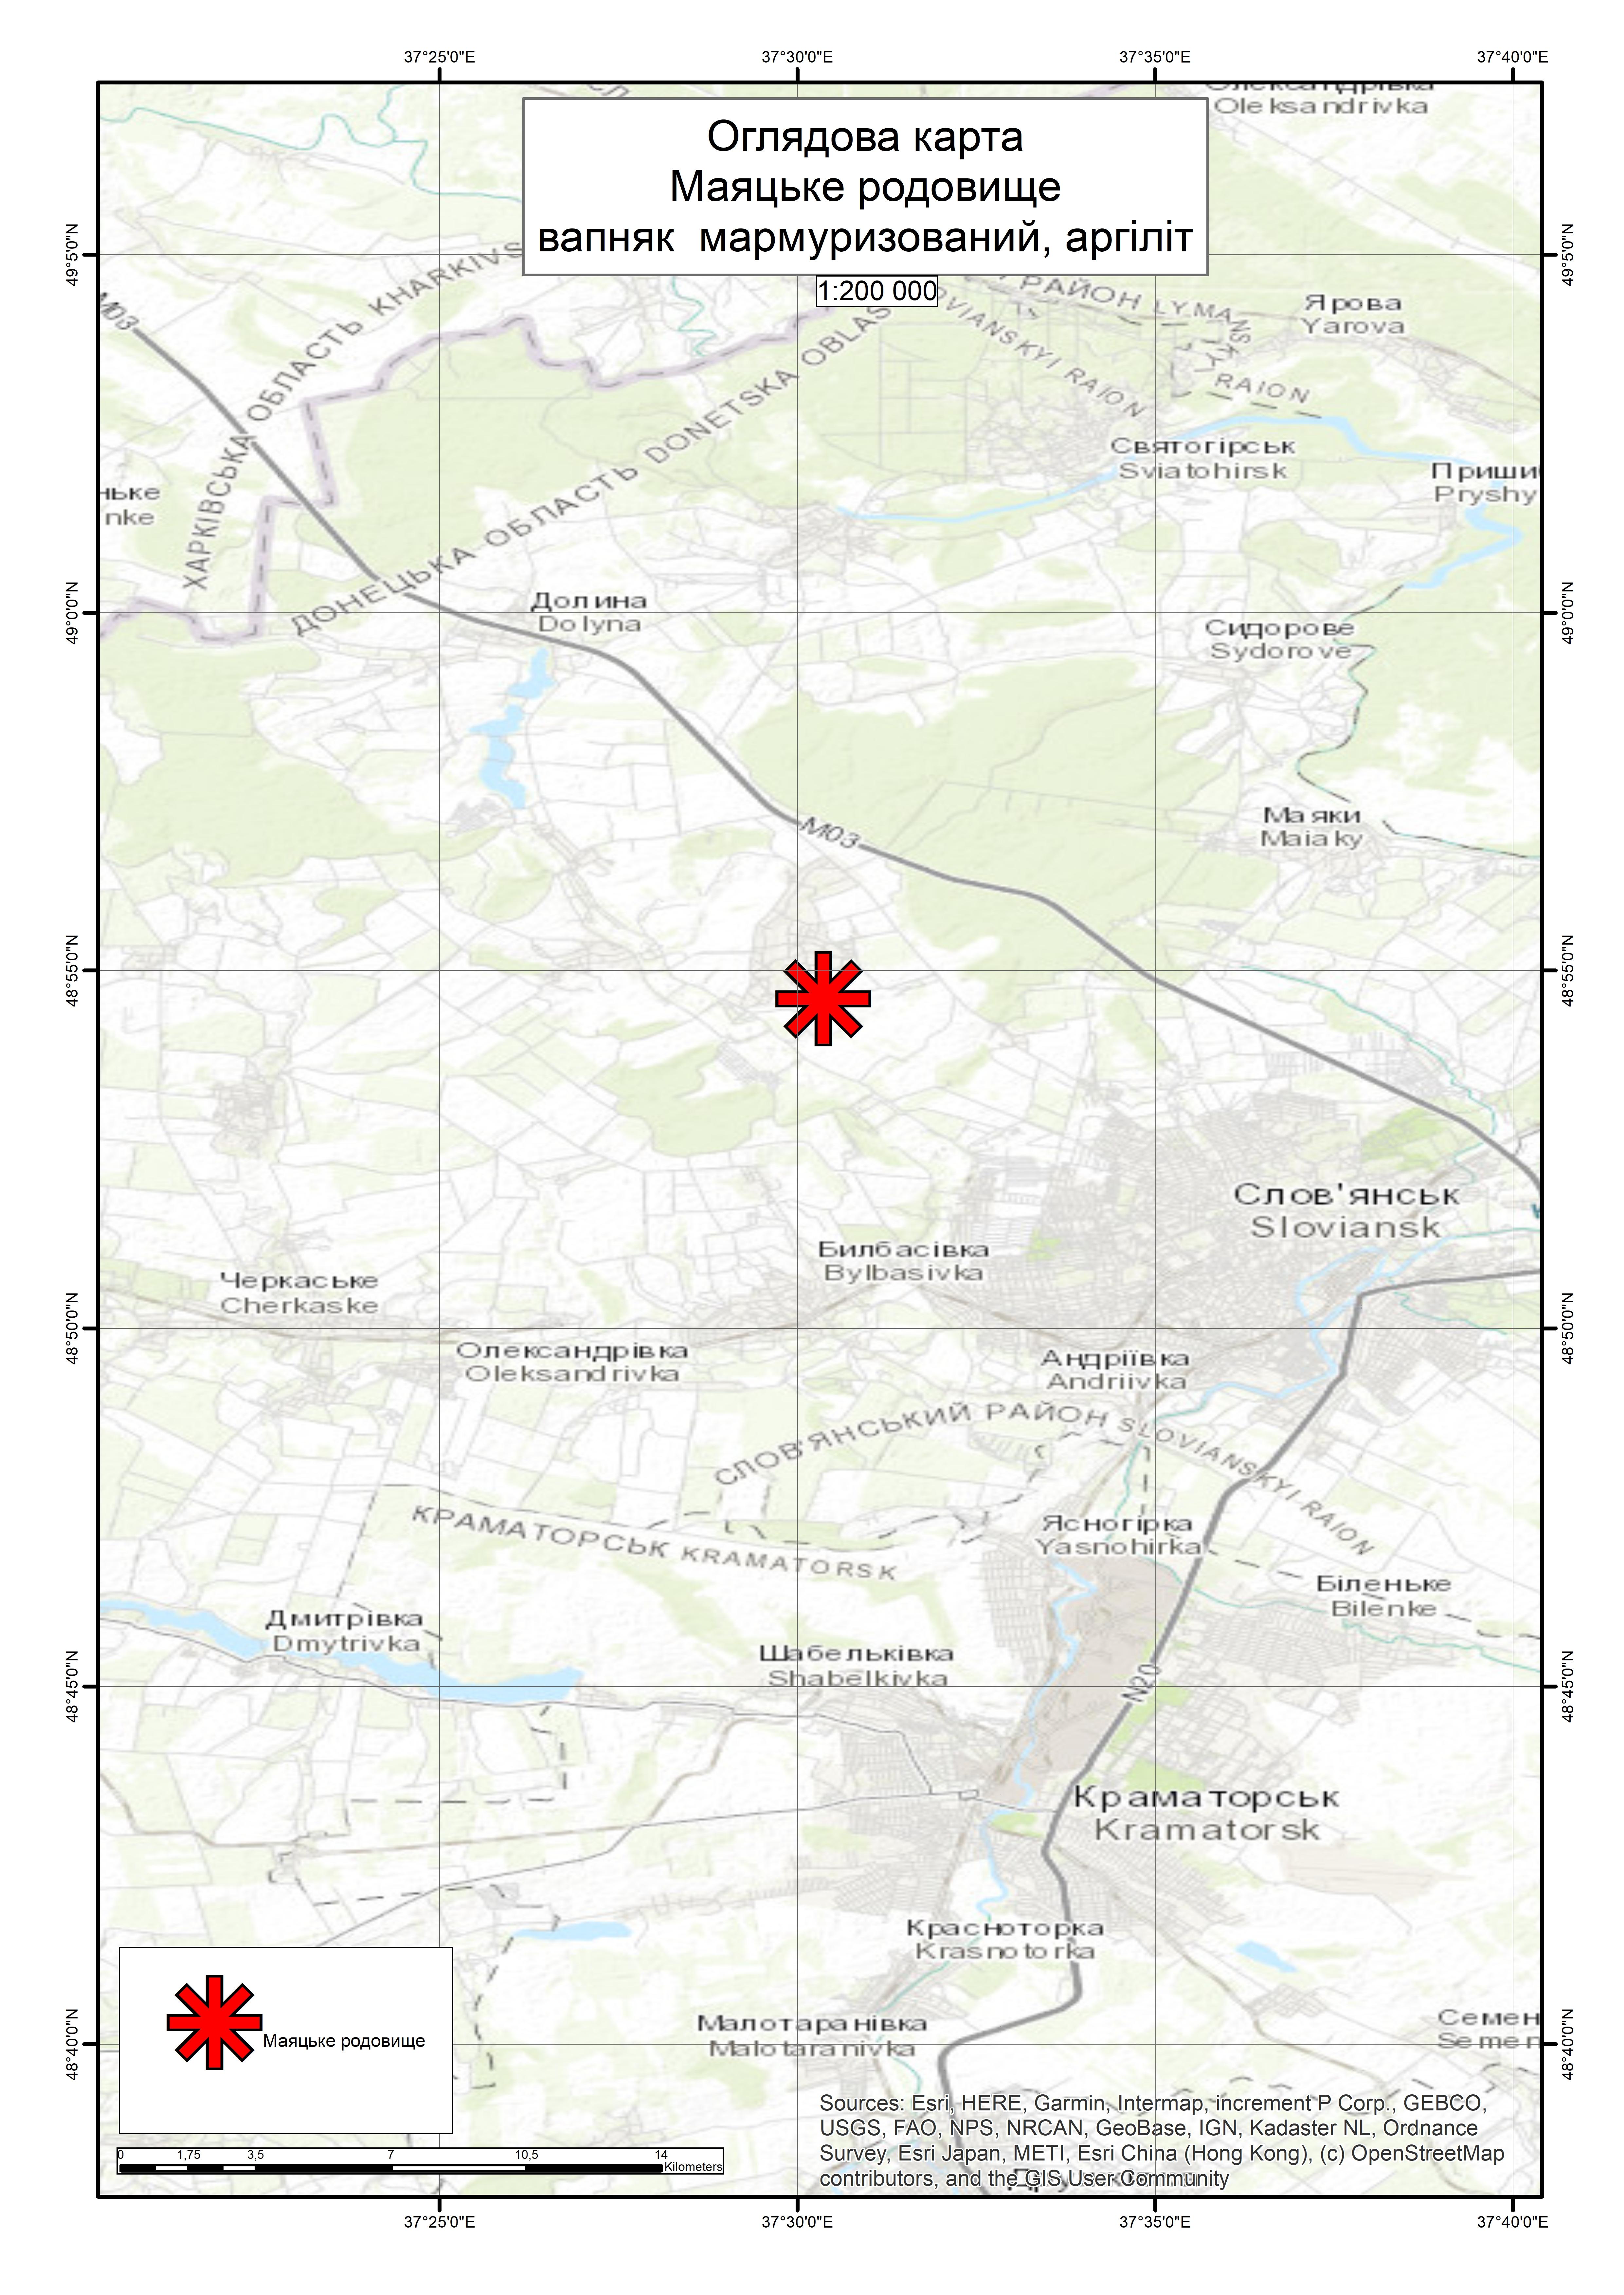 Спеціальний дозвіл на користування надрами – Маяцьке родовище. Вартість геологічної інформації – 146 634,02 грн (з ПДВ). Вартість пакету аукціонної документації – 72 550 грн (з ПДВ).